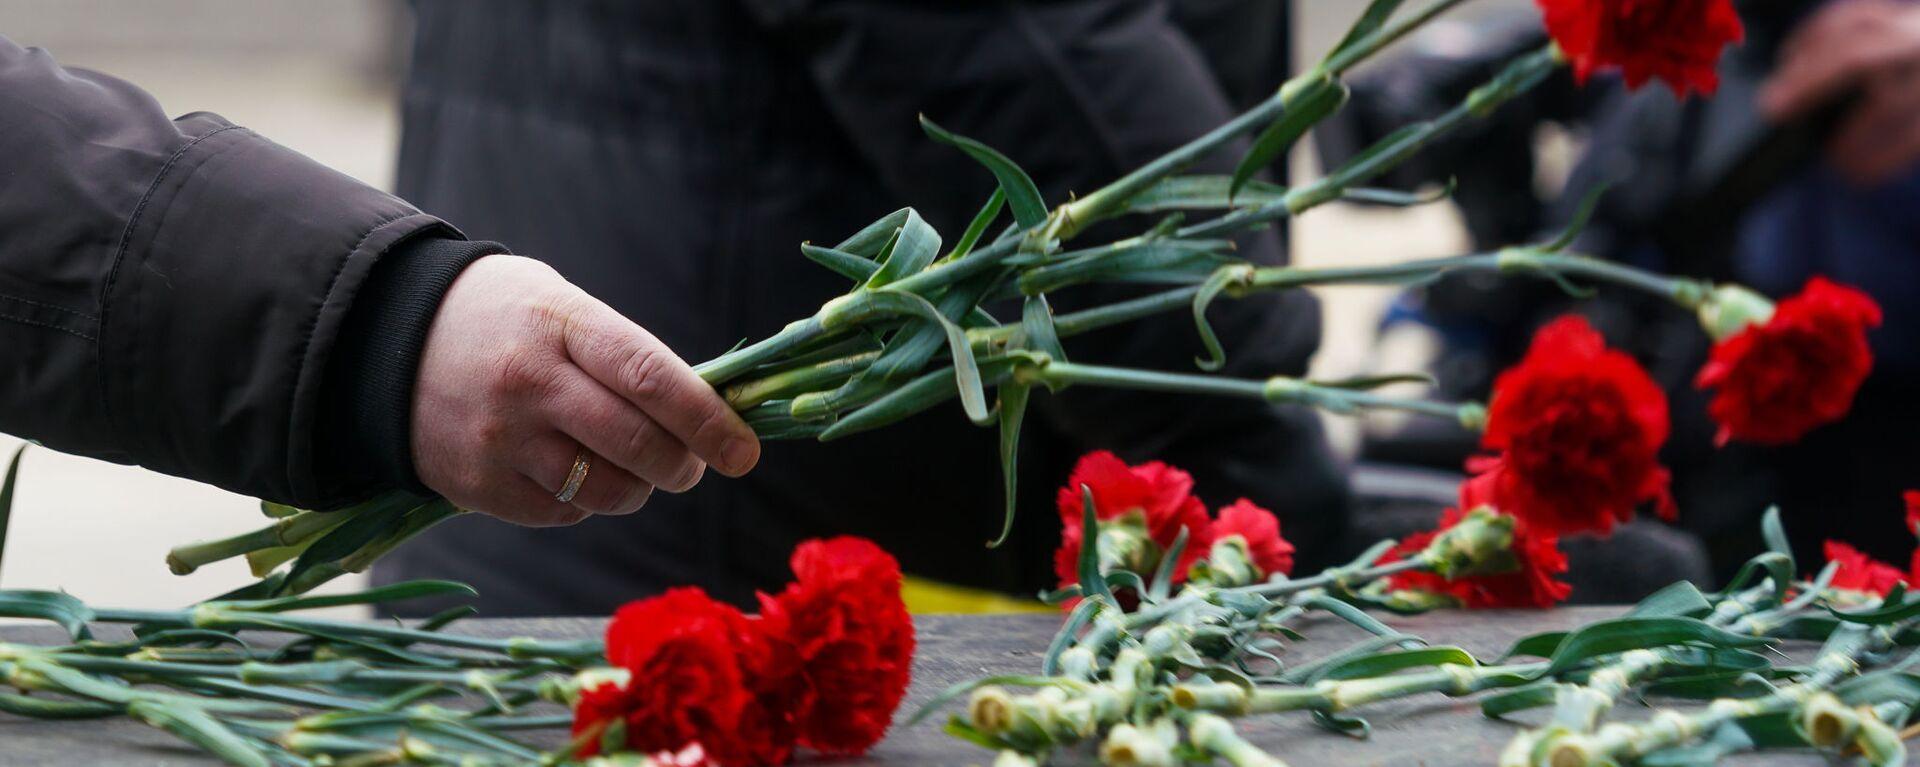 В Саласпилсе в День освобождения узников нацистских концлагерей, 11 апреля 2019 - Sputnik Латвия, 1920, 02.04.2021